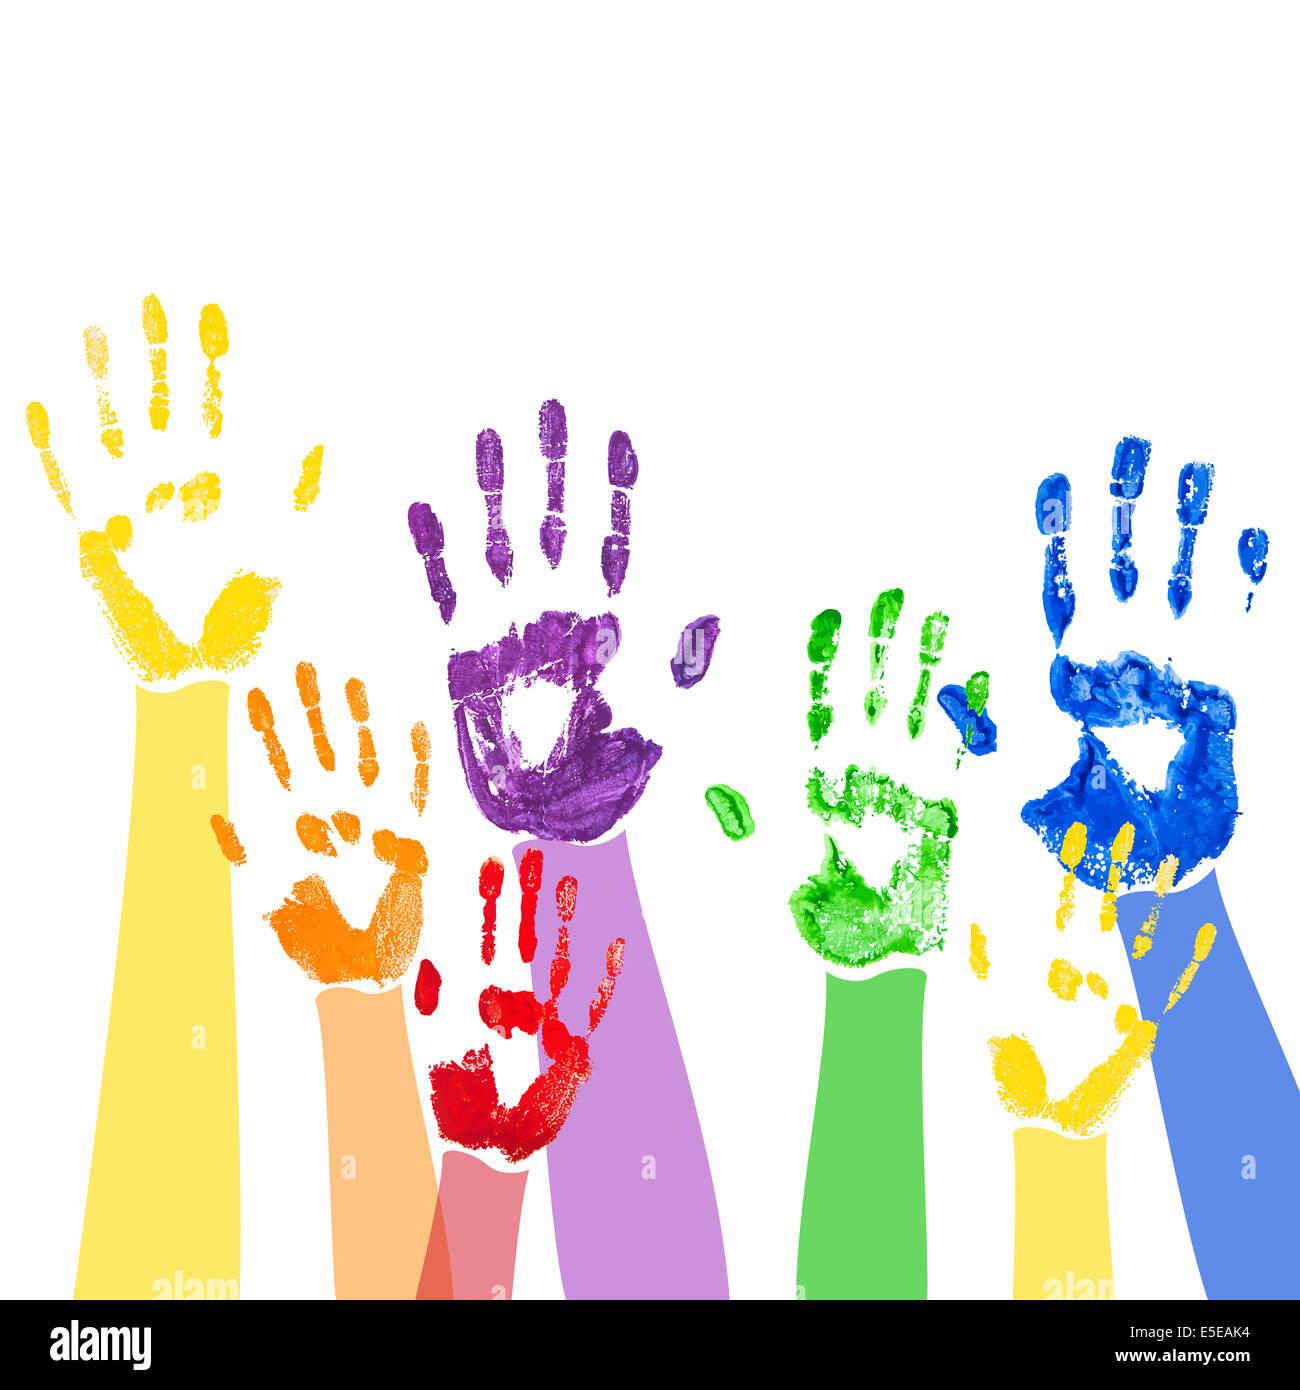 Resumen antecedentes con brillantes huellas de manos de pintura multicolor Imagen De Stock